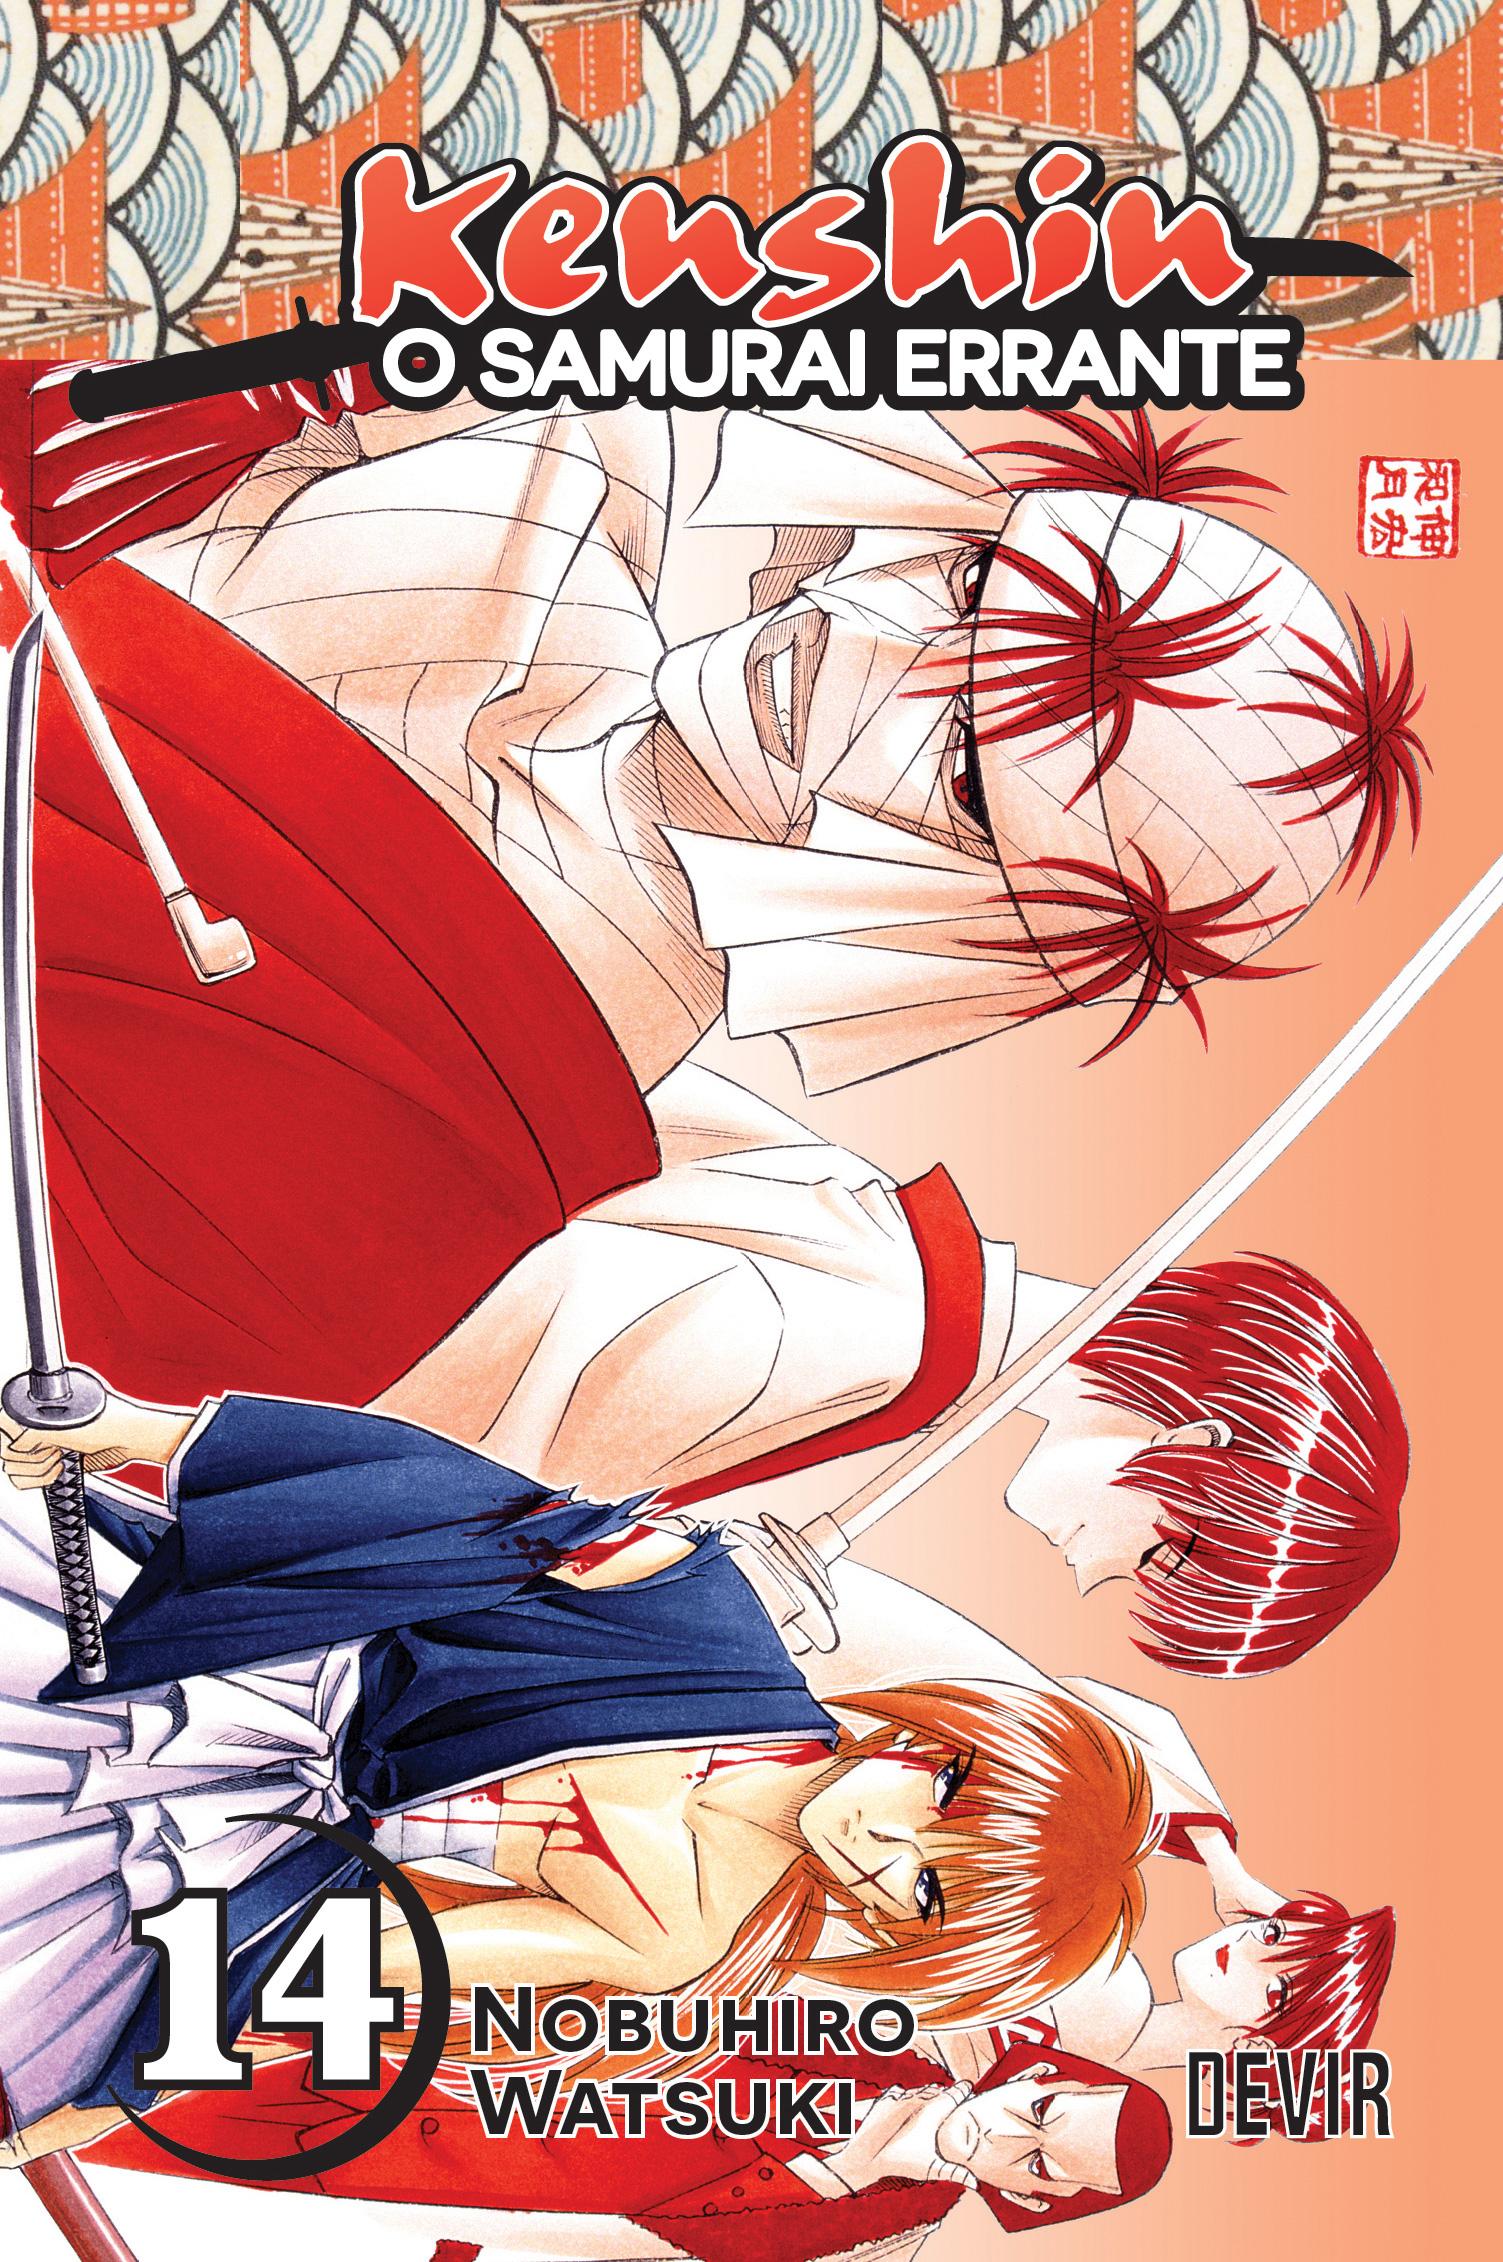 Devir lançou Kenshin, o Samurai Errante 14